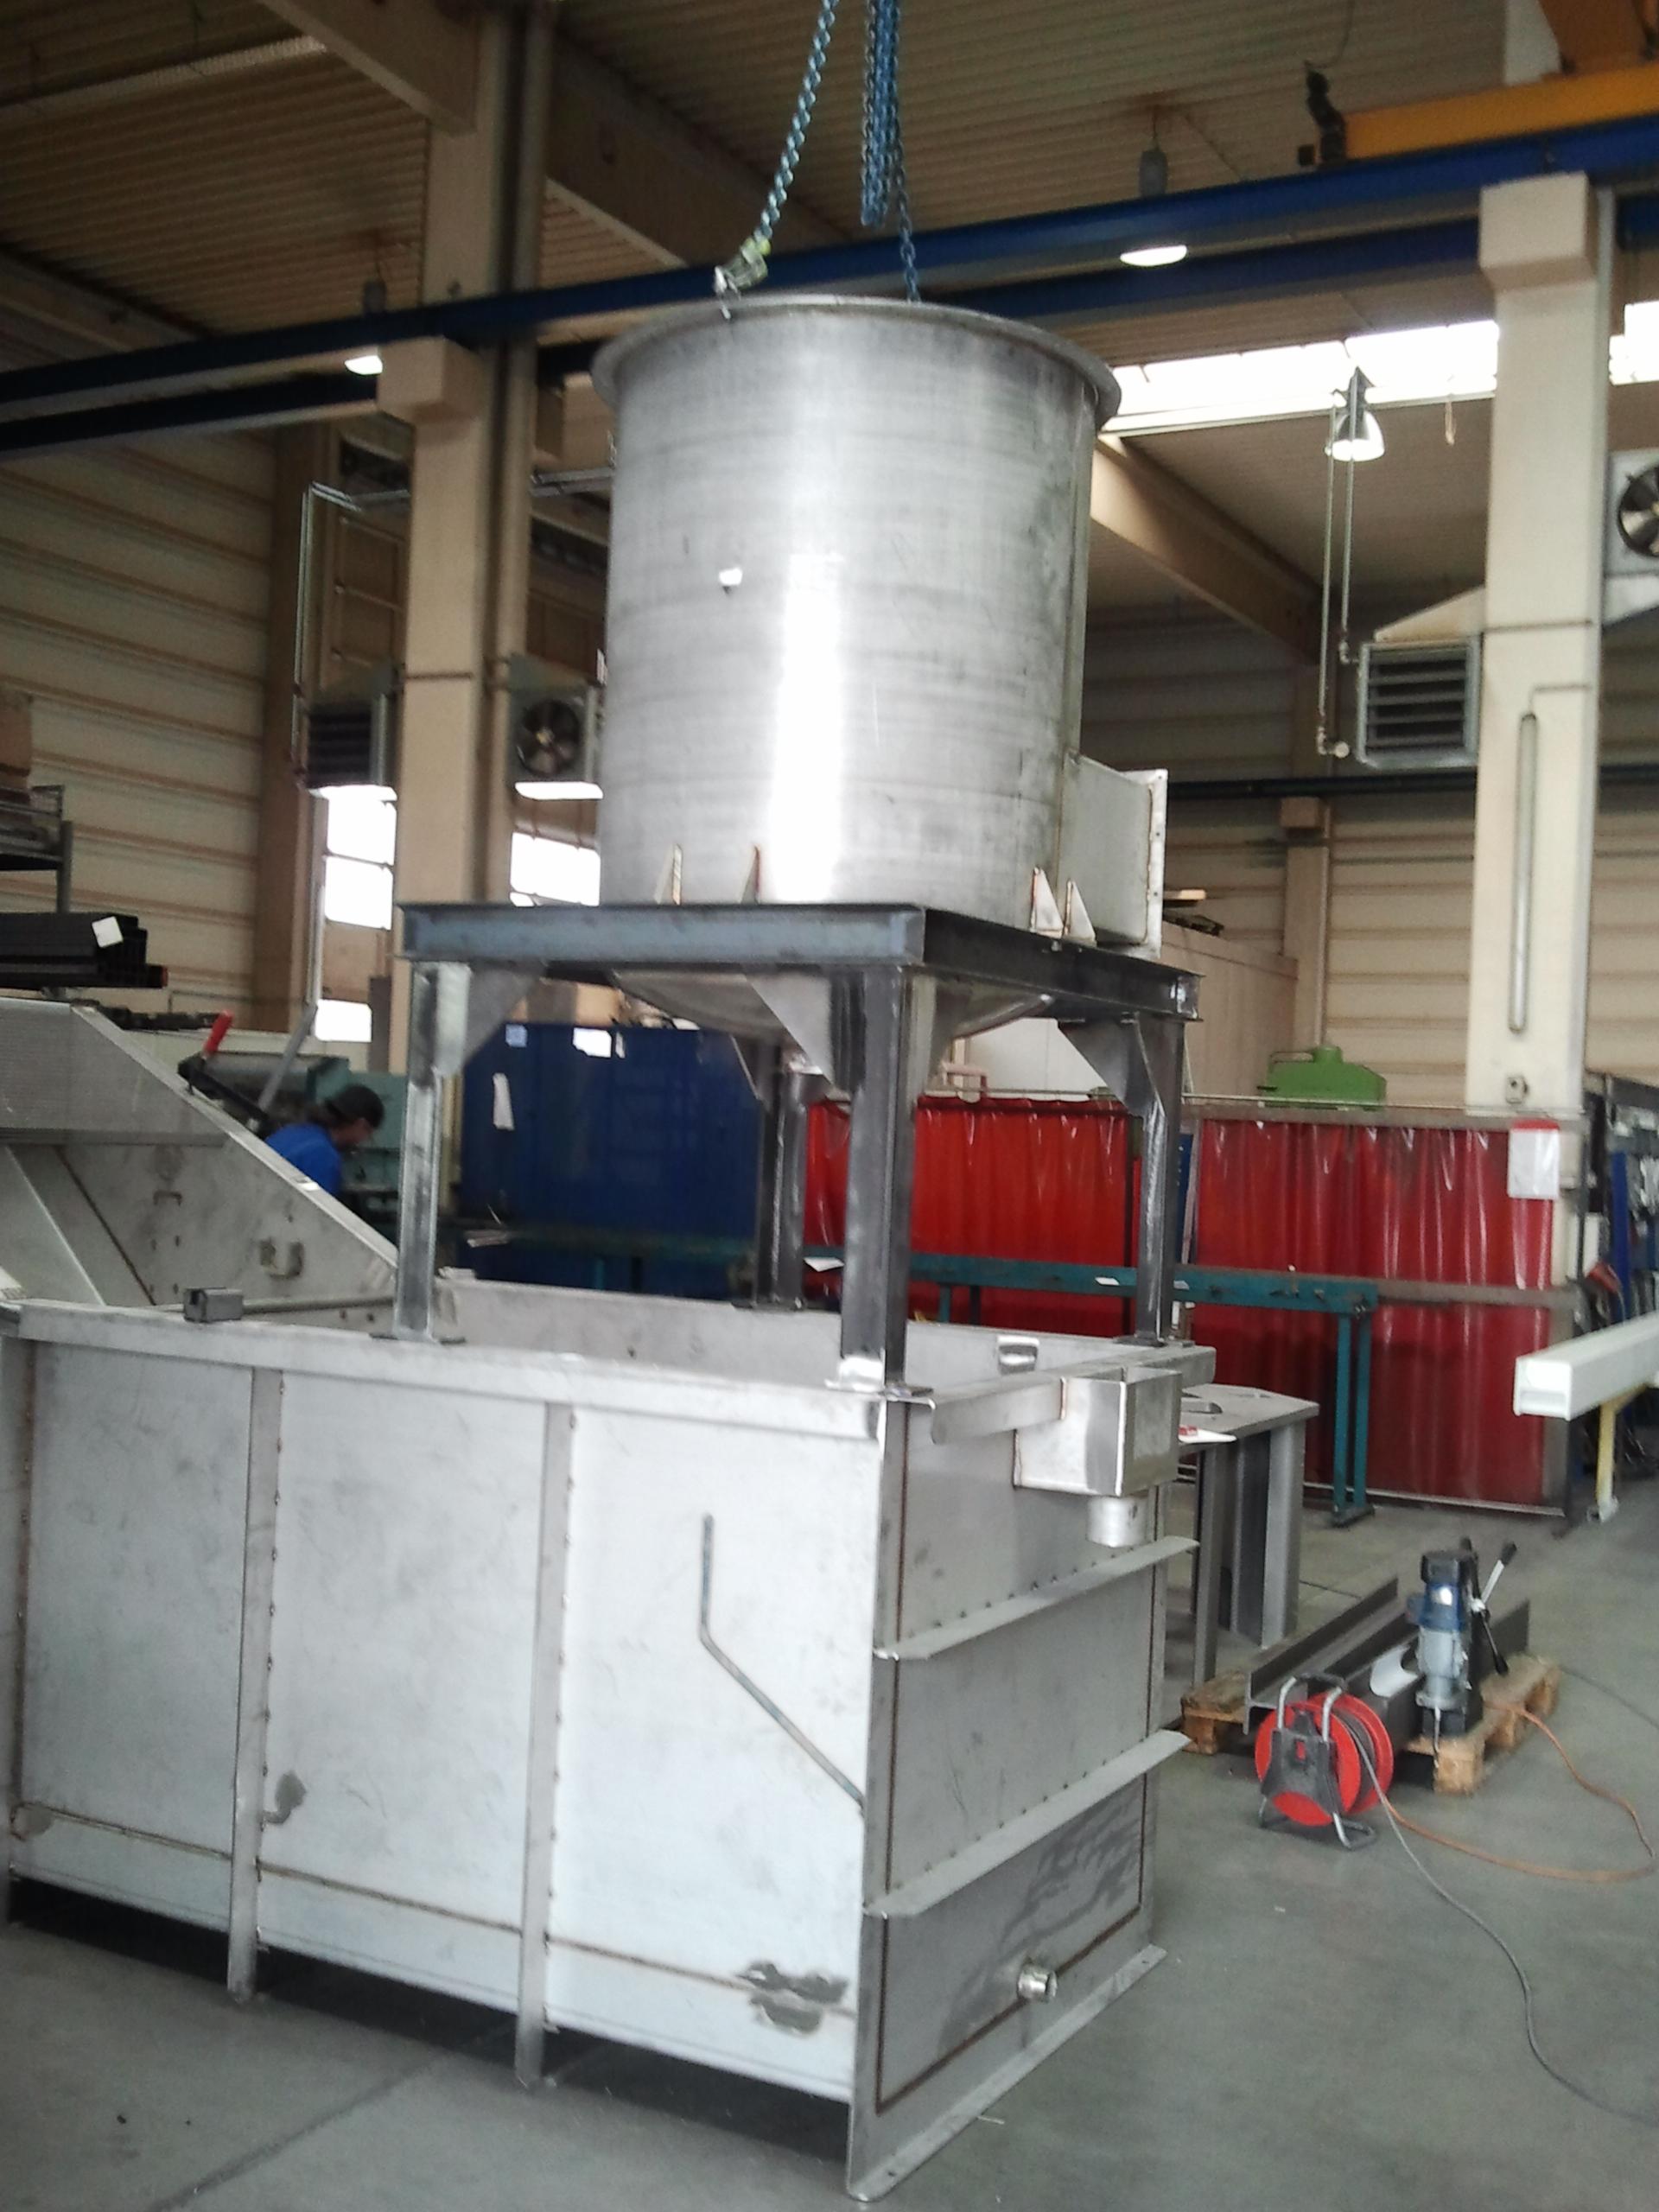 Techpilot | Gruber GmbH Metallbau & Blechbearbeitung